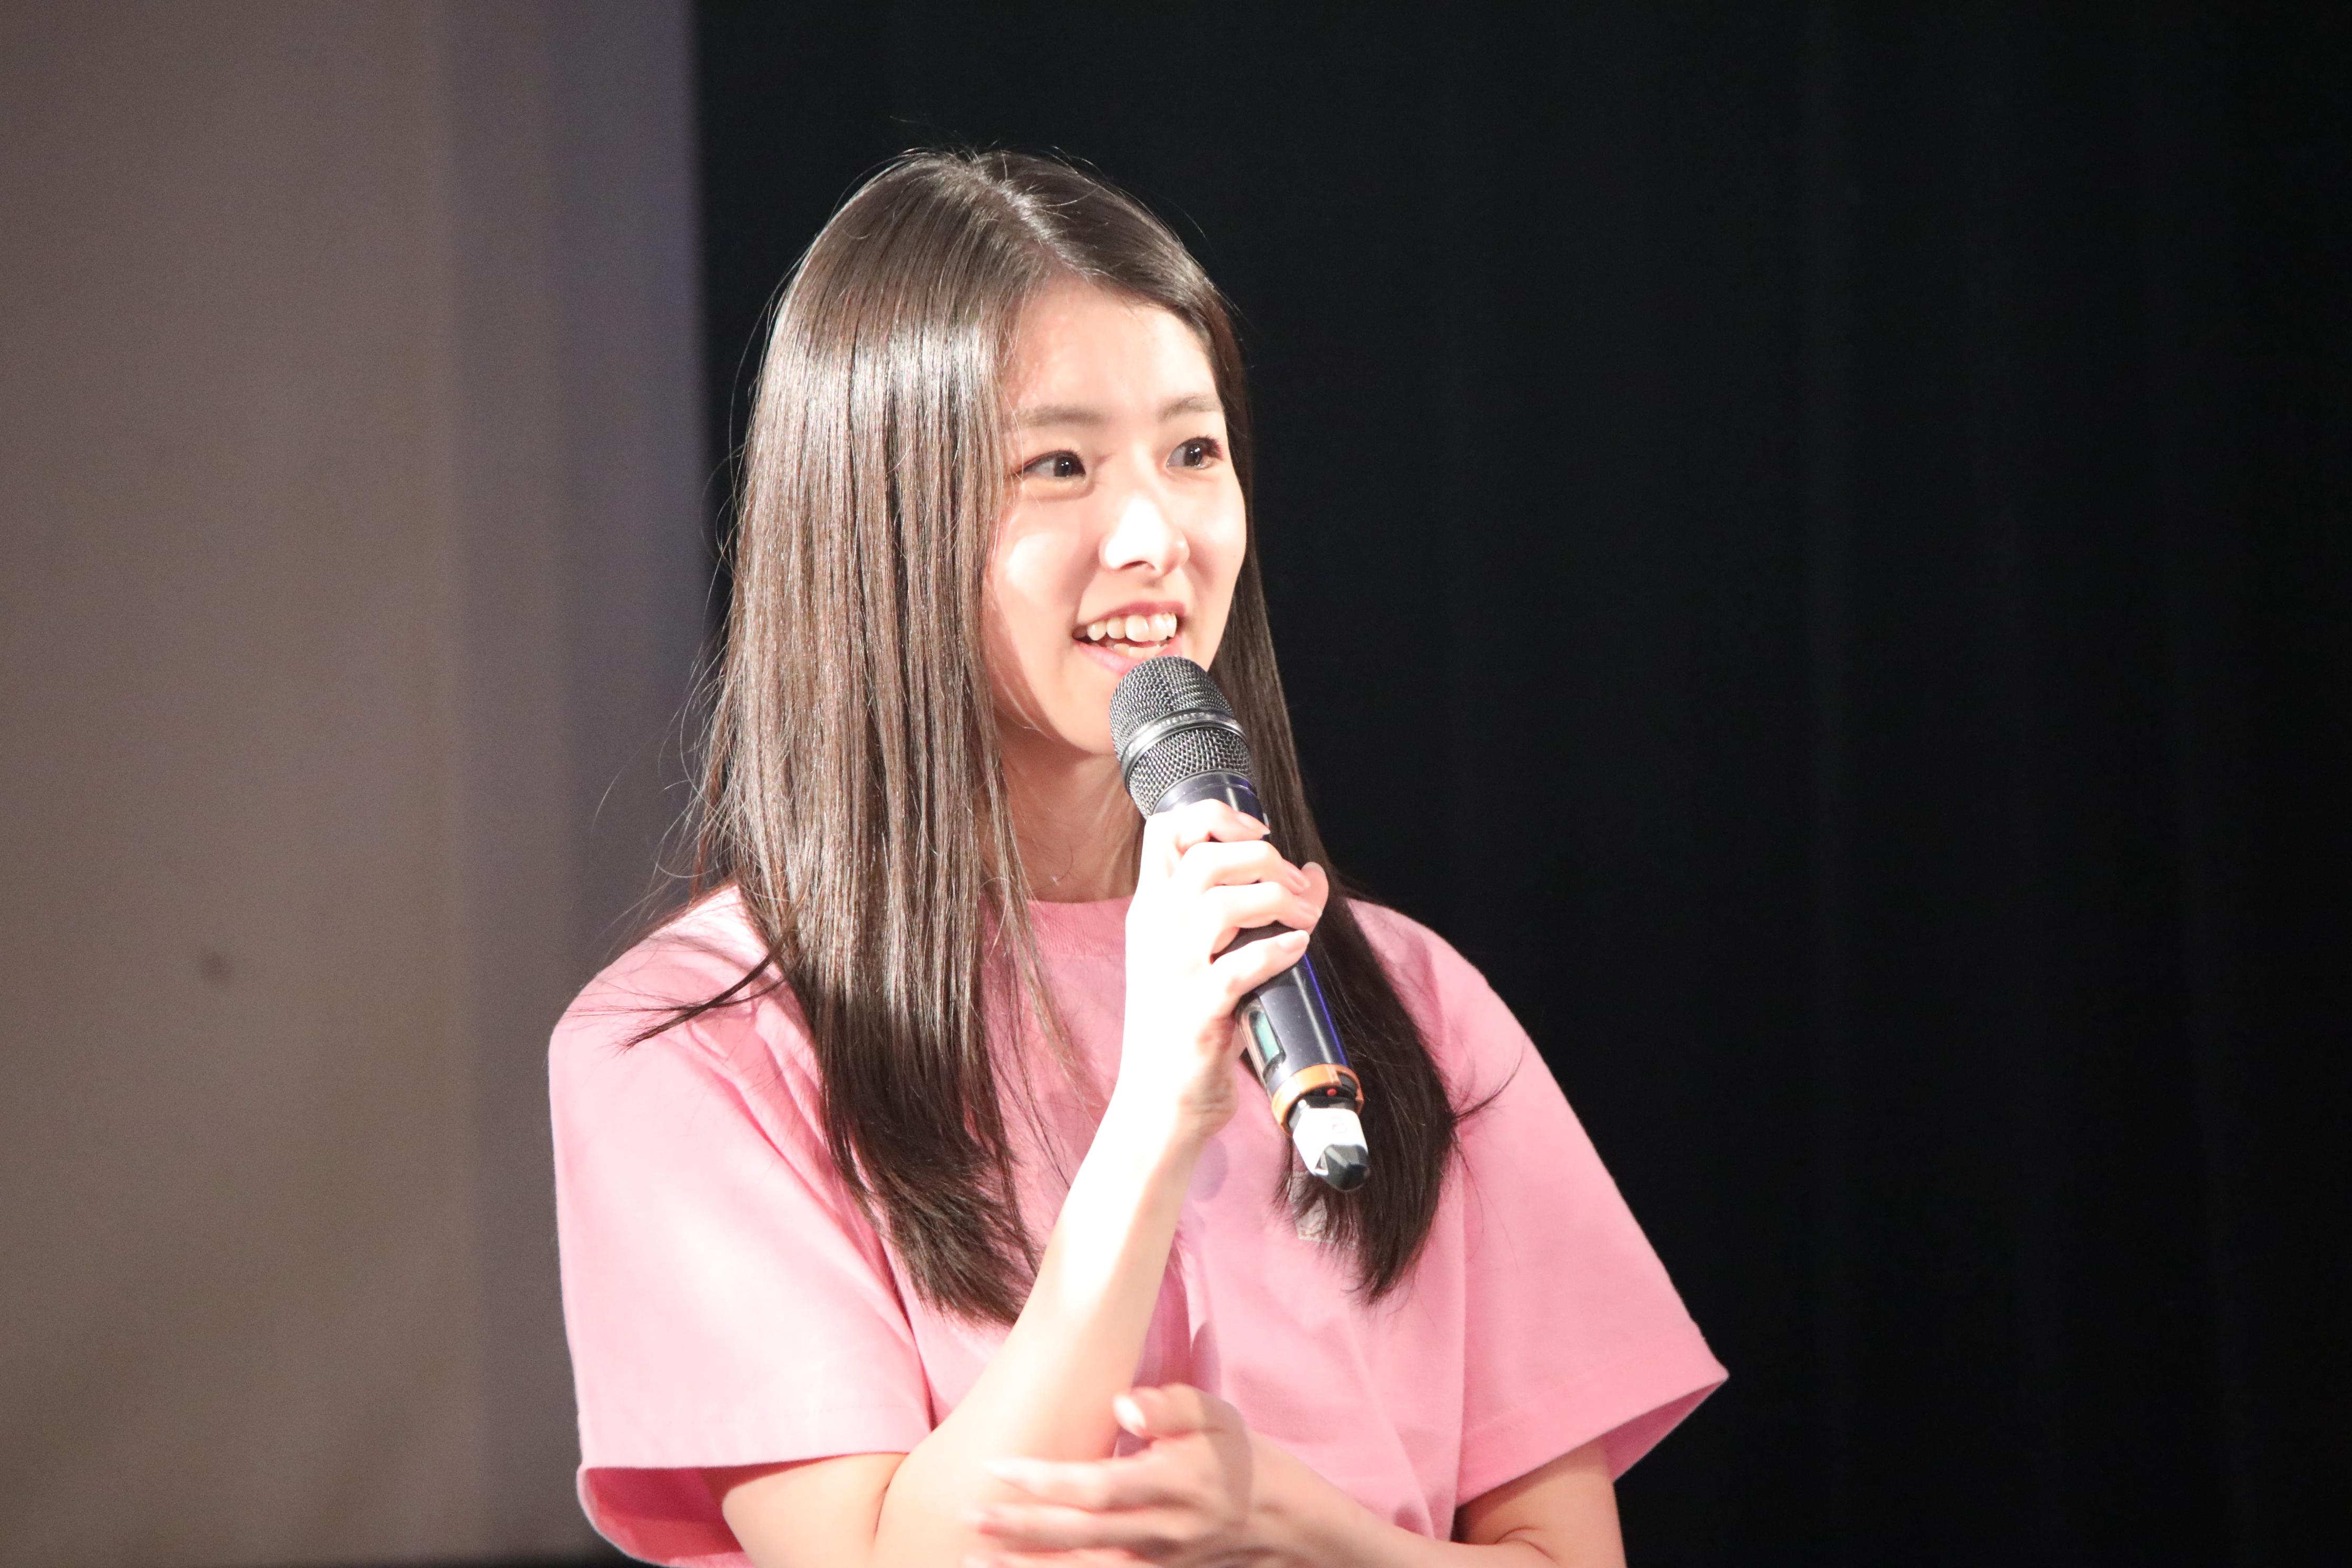 株式会社さほたて水産:岩立沙穂社長(AKB48)